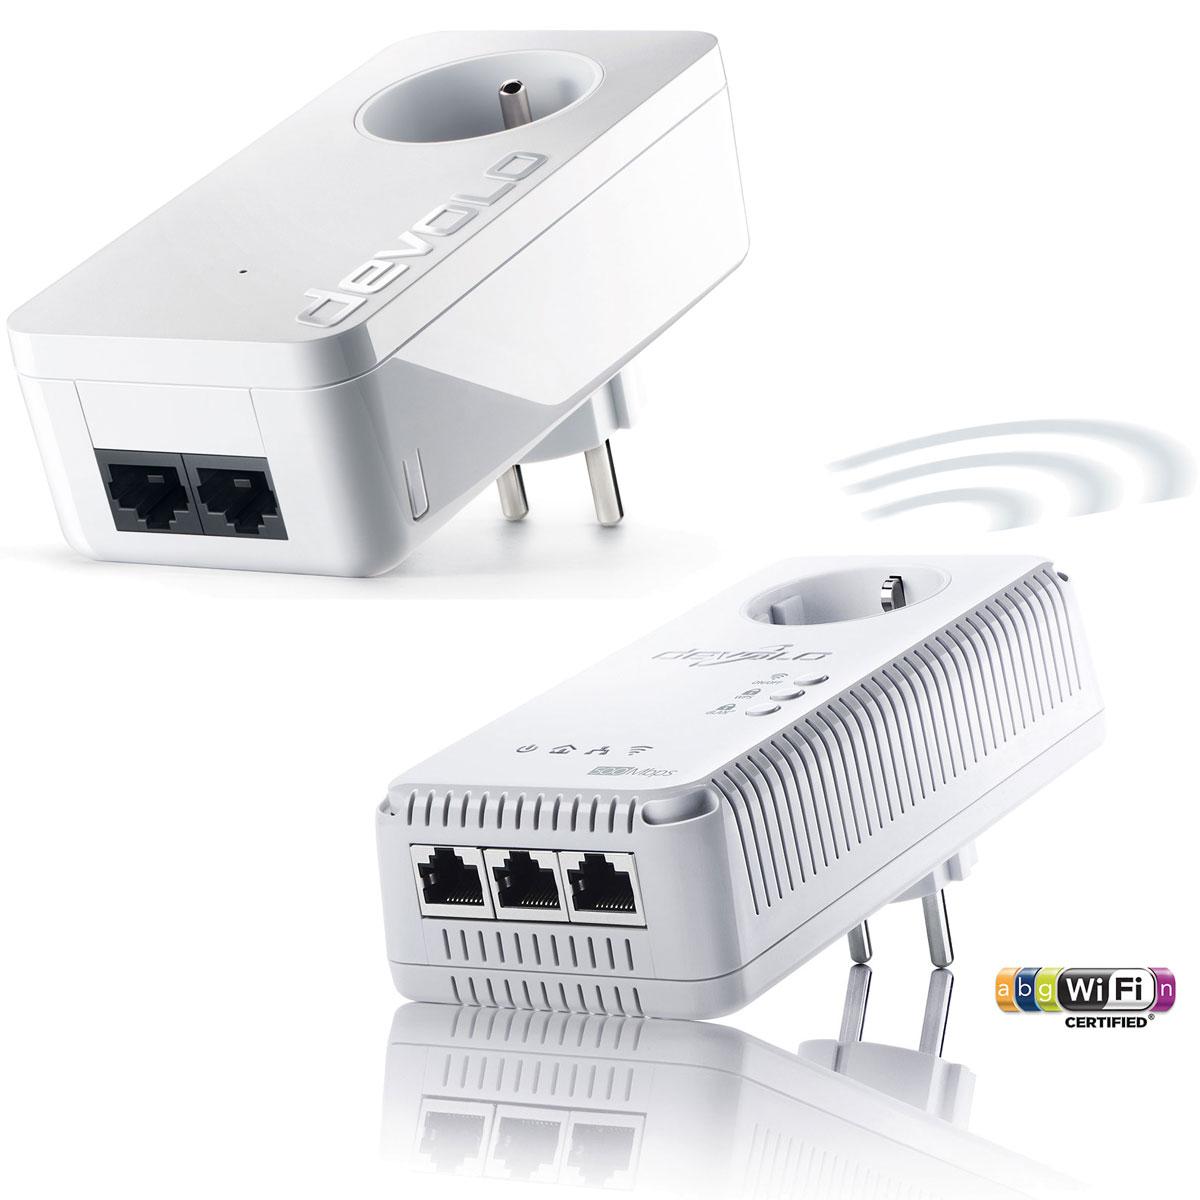 CPL Devolo dLAN 500 AV Wireless+ + Devolo dLAN 550 duo+ Adaptateur CPL 500 Mbps avec switch Ethernet 3 ports + Adaptateur CPL 500 Mbps avec 2 ports Fast Ethernet et prise électrique